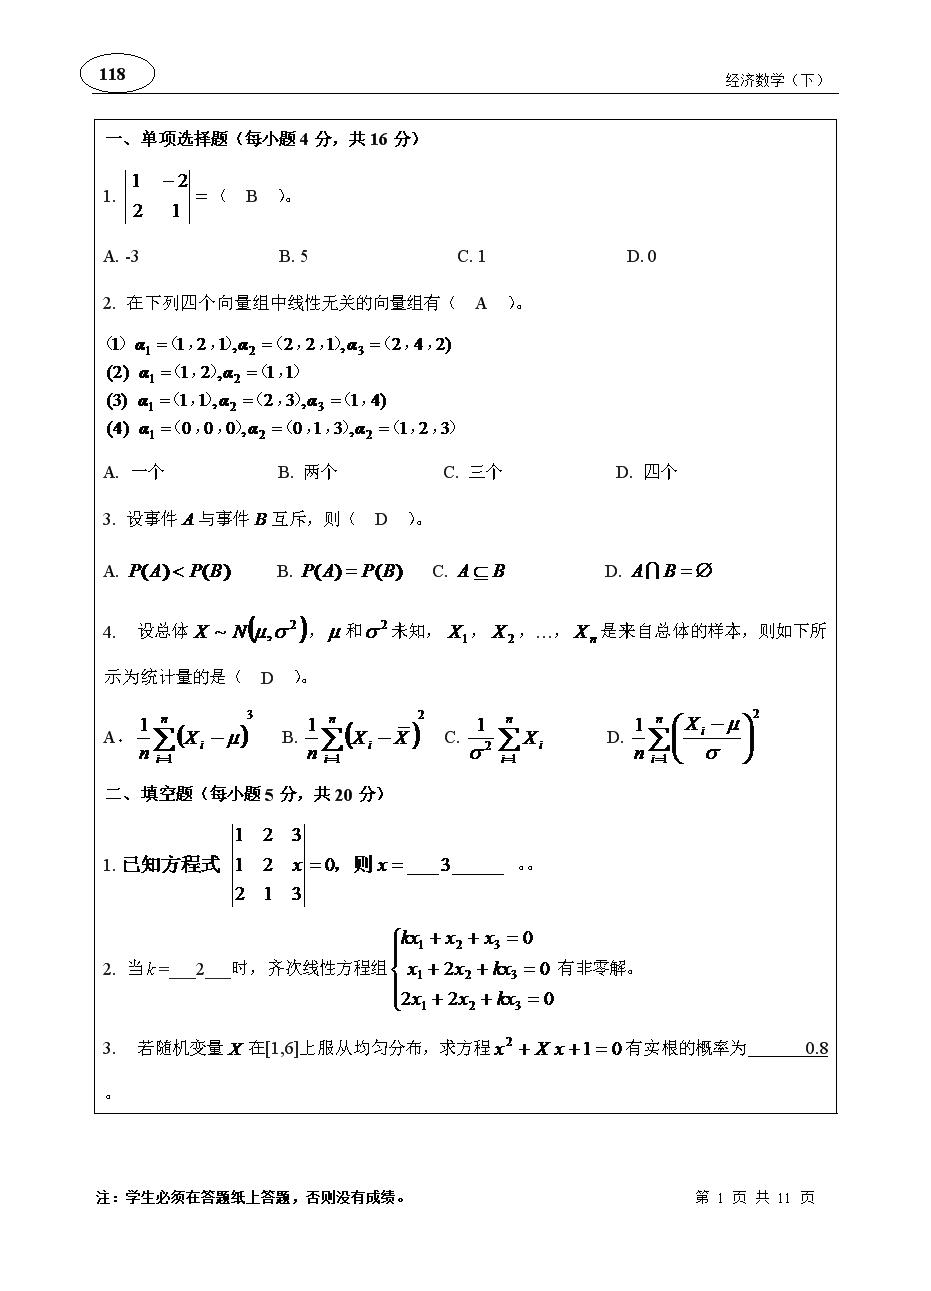 西北工业大学 经济数学(下)A卷 2019.doc